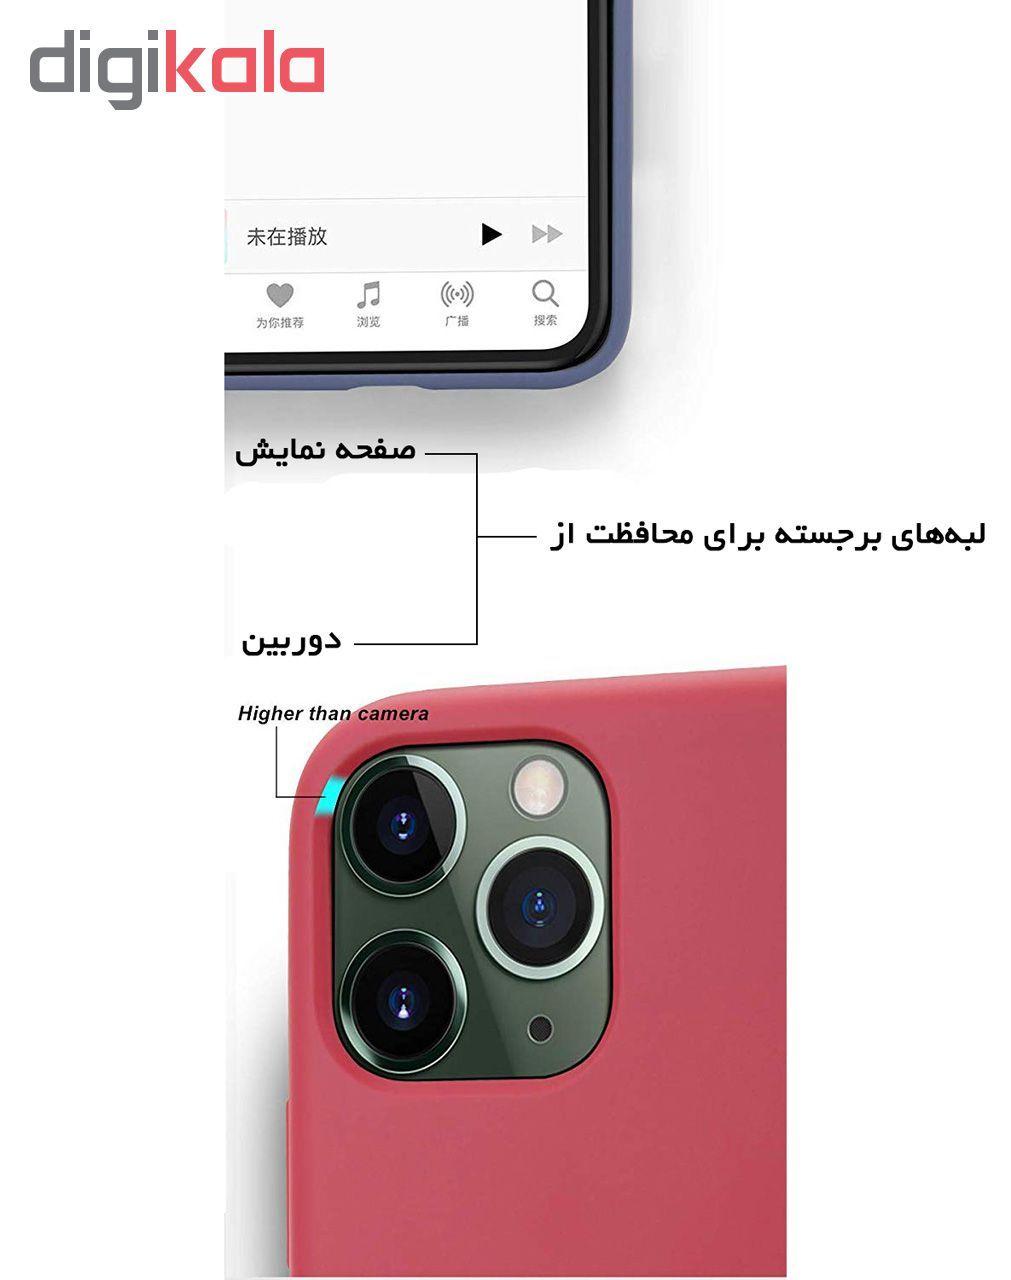 کاور وی کیس مدل Si01 مناسب برای گوشی موبایل اپل iPhone 7/8 main 1 6